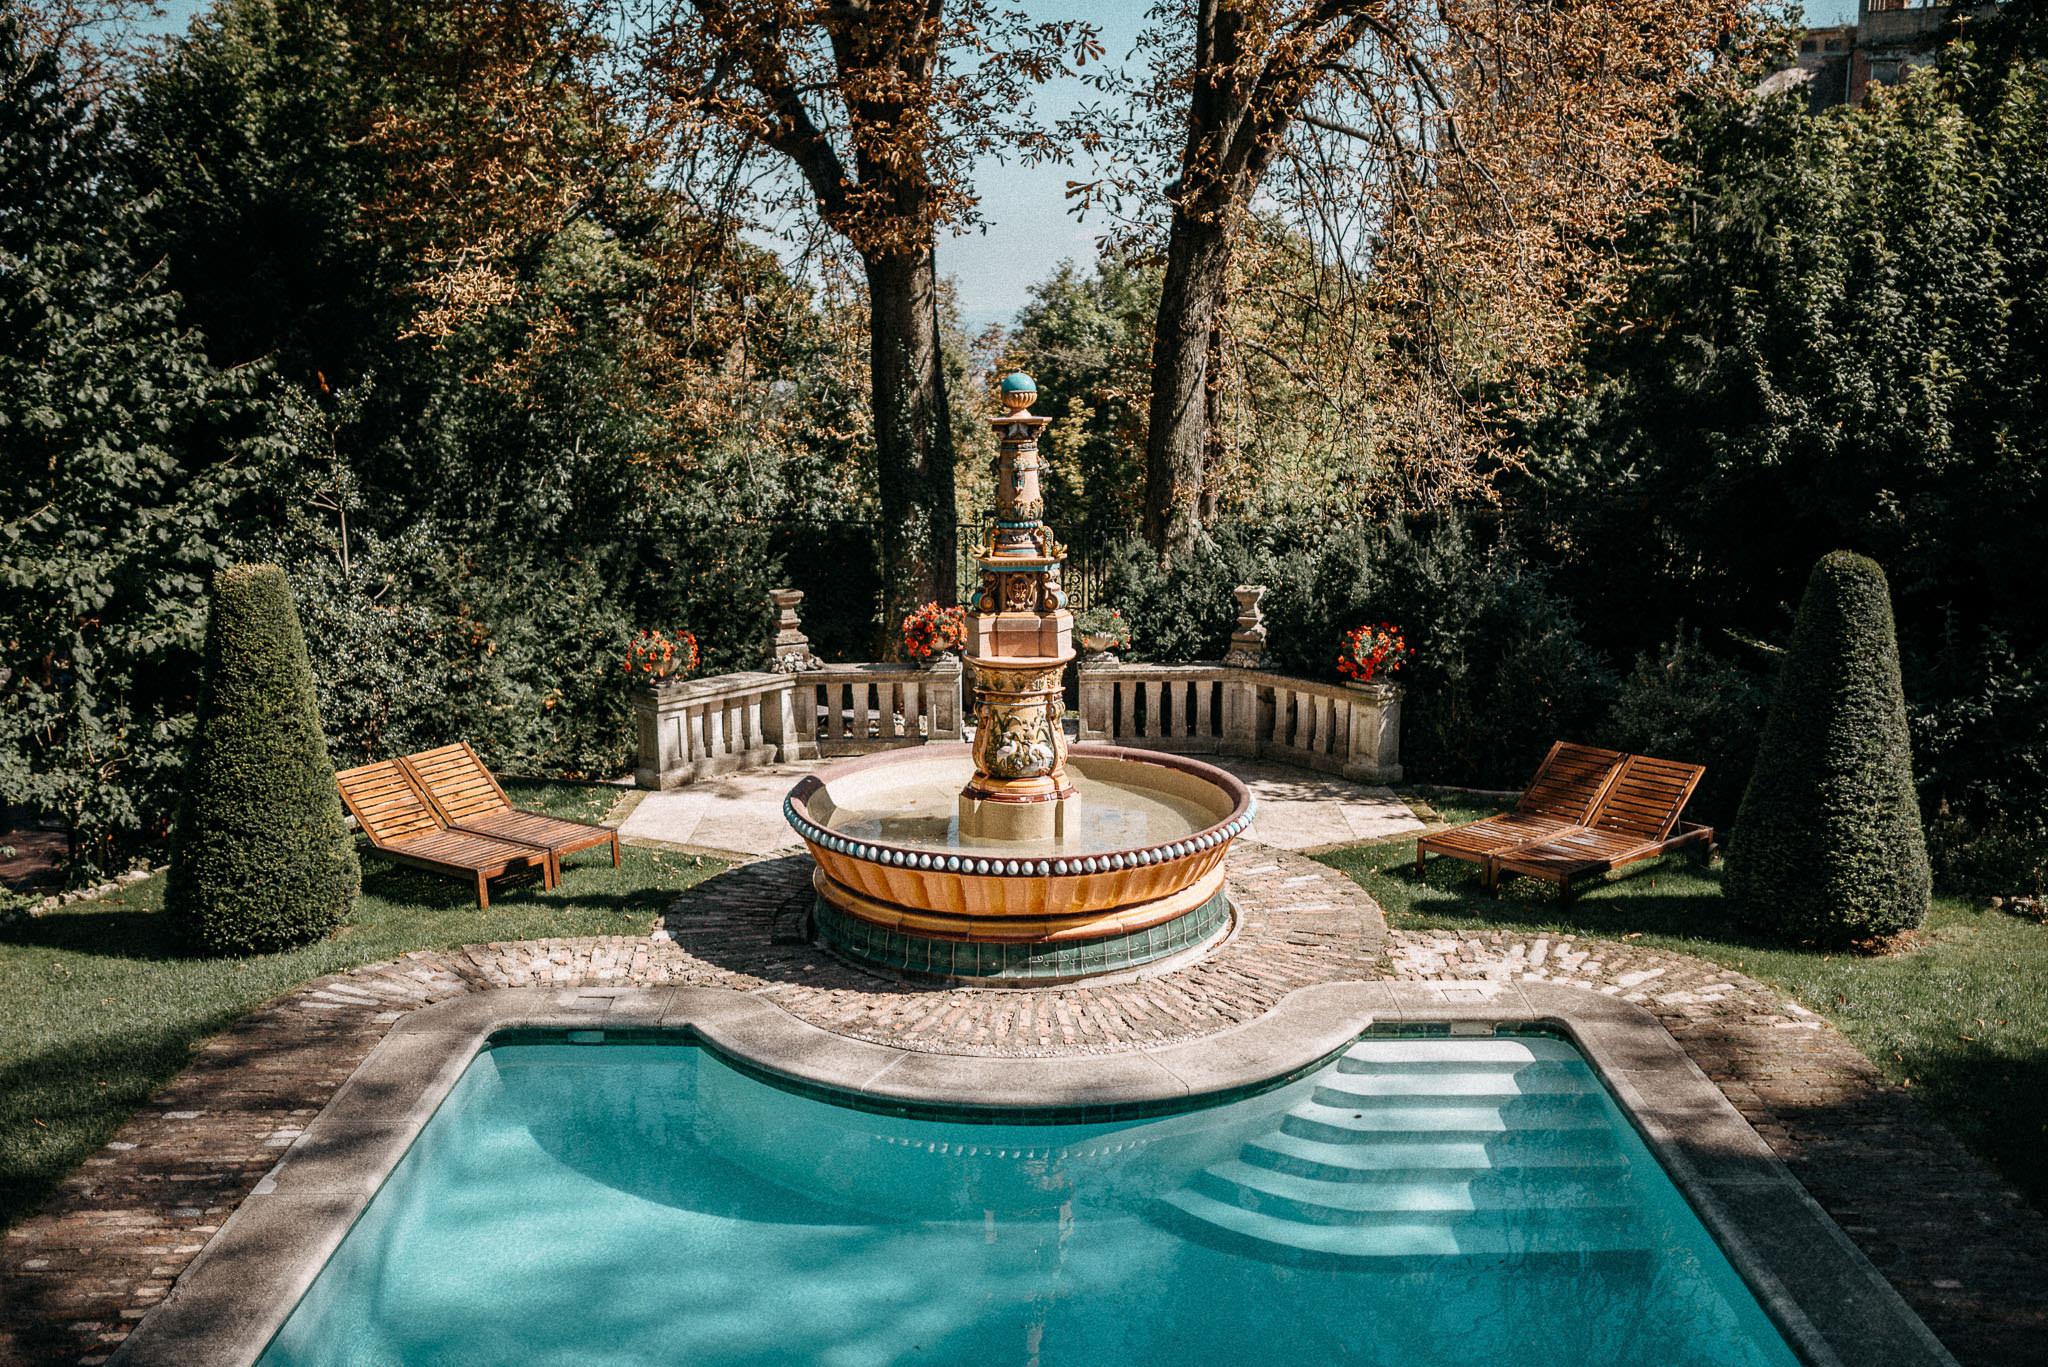 zsolnay fountain szokokut the writer's villa budapest